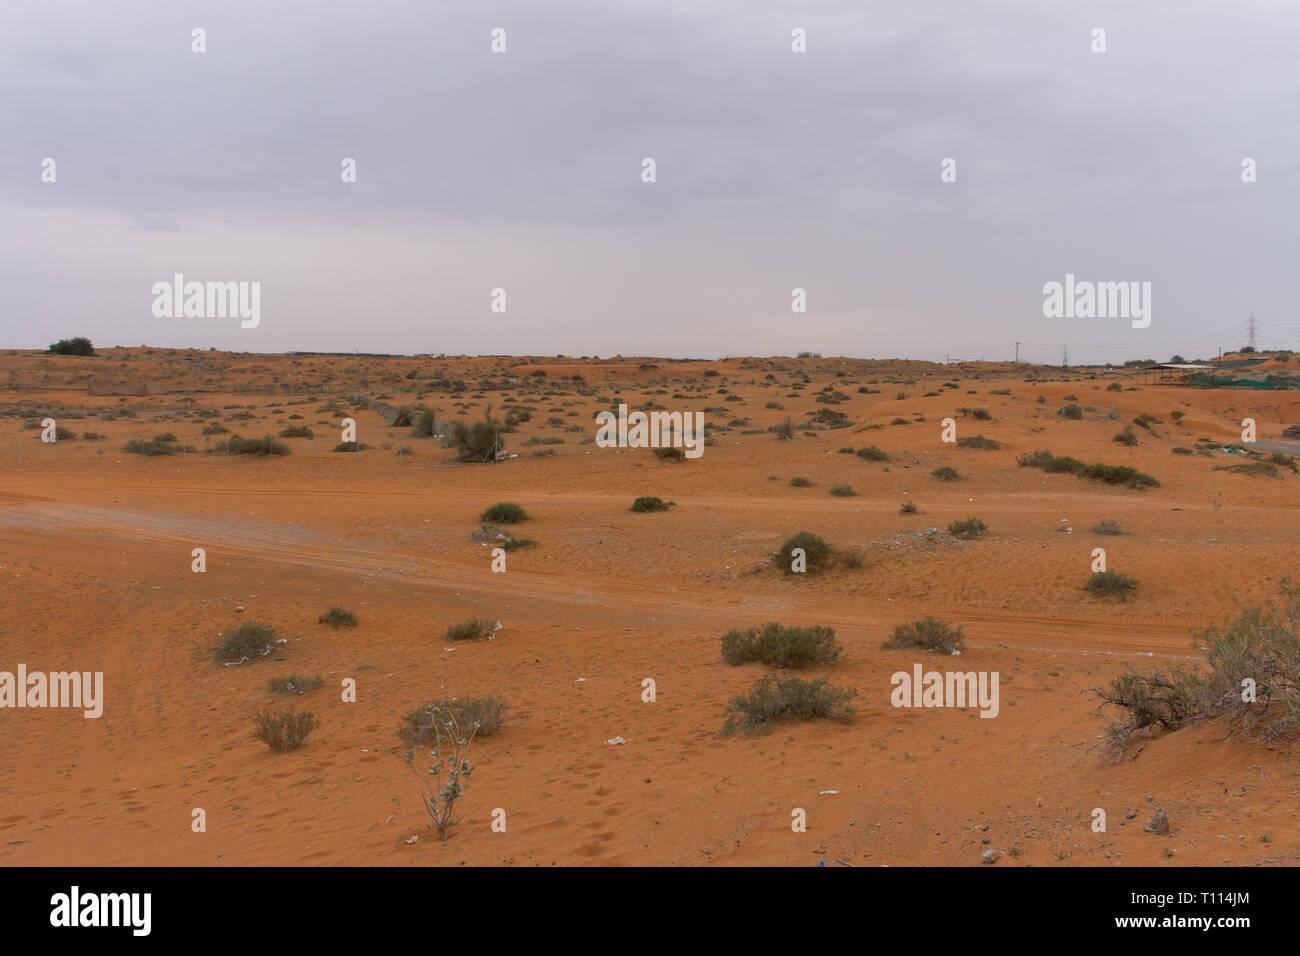 Ras al Khaimah, Émirats arabes unis: Thunder nuages sur le sable et les plantes dans la zone ferme des chameaux. Banque D'Images